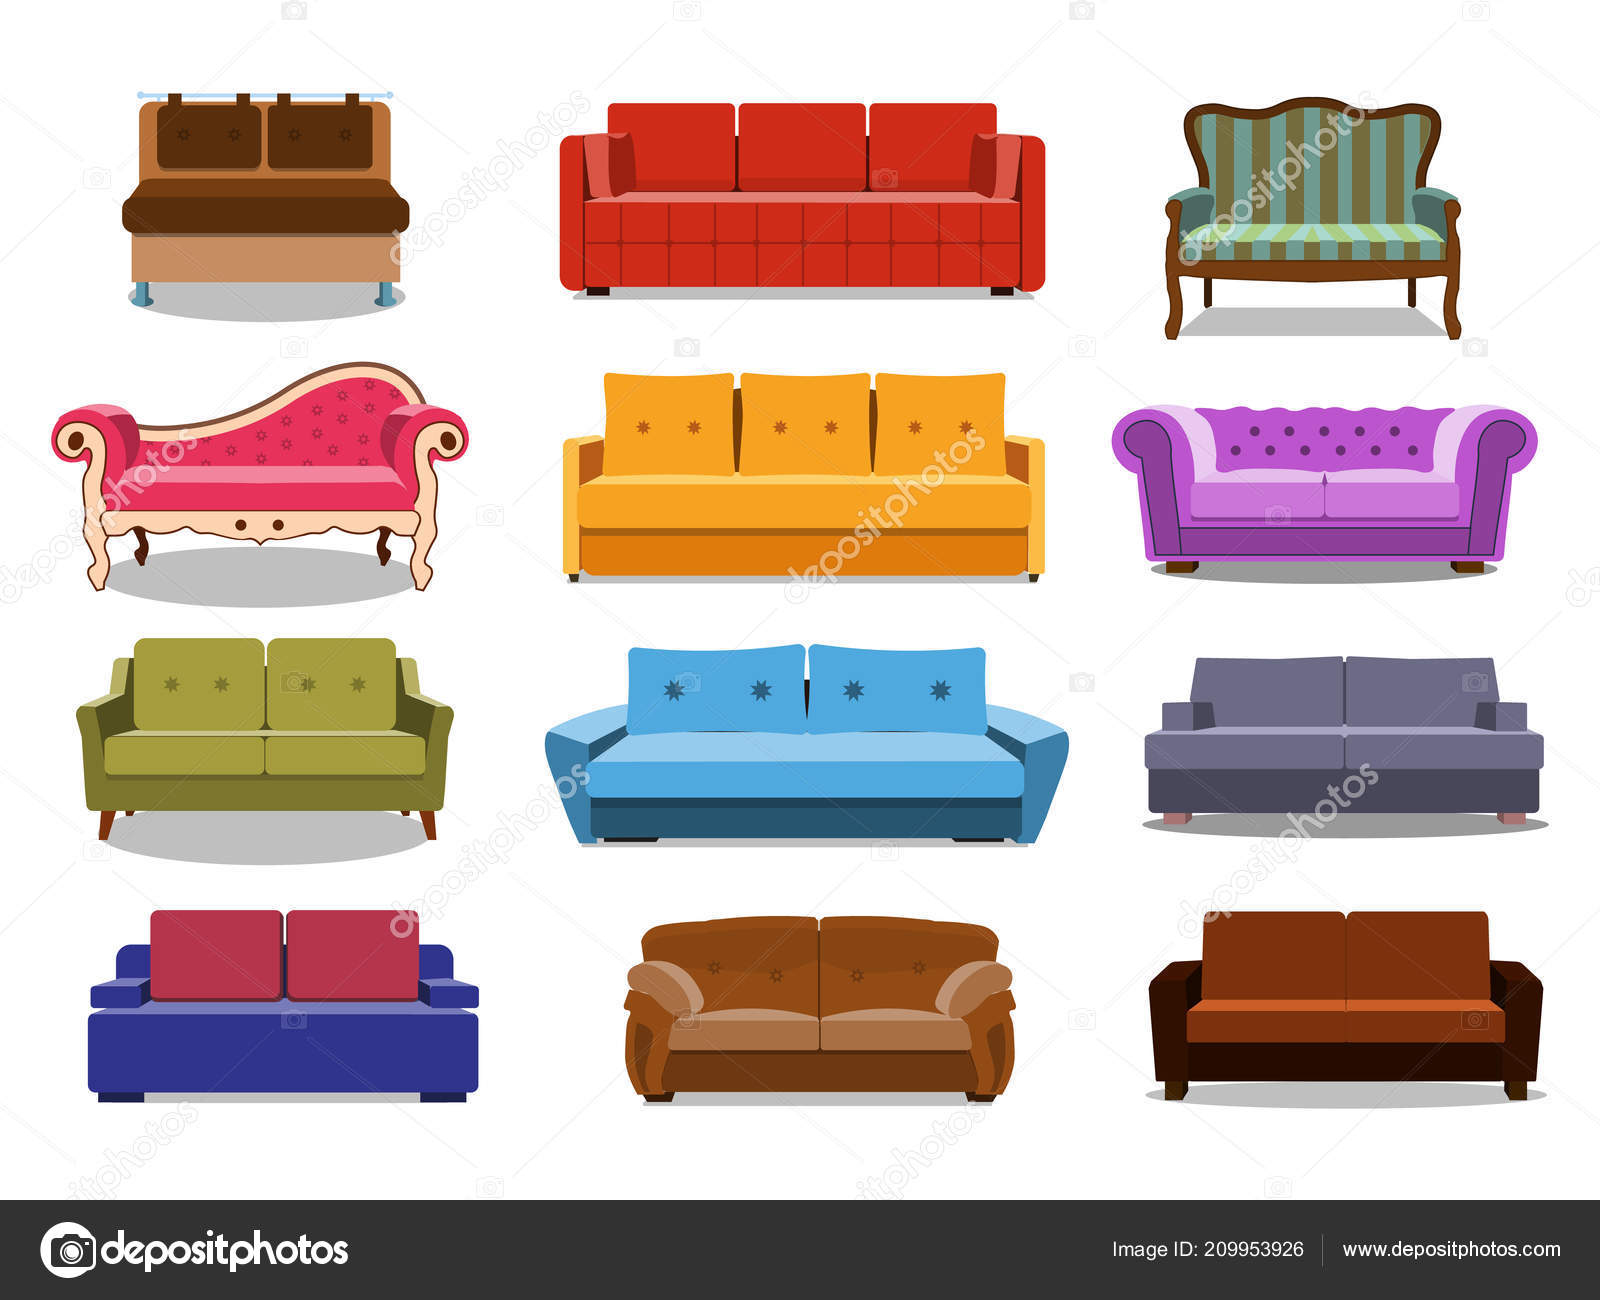 Sillones Coloridos.Sofa Y Sillones Coloridos Dibujos Animados De Ilustracion